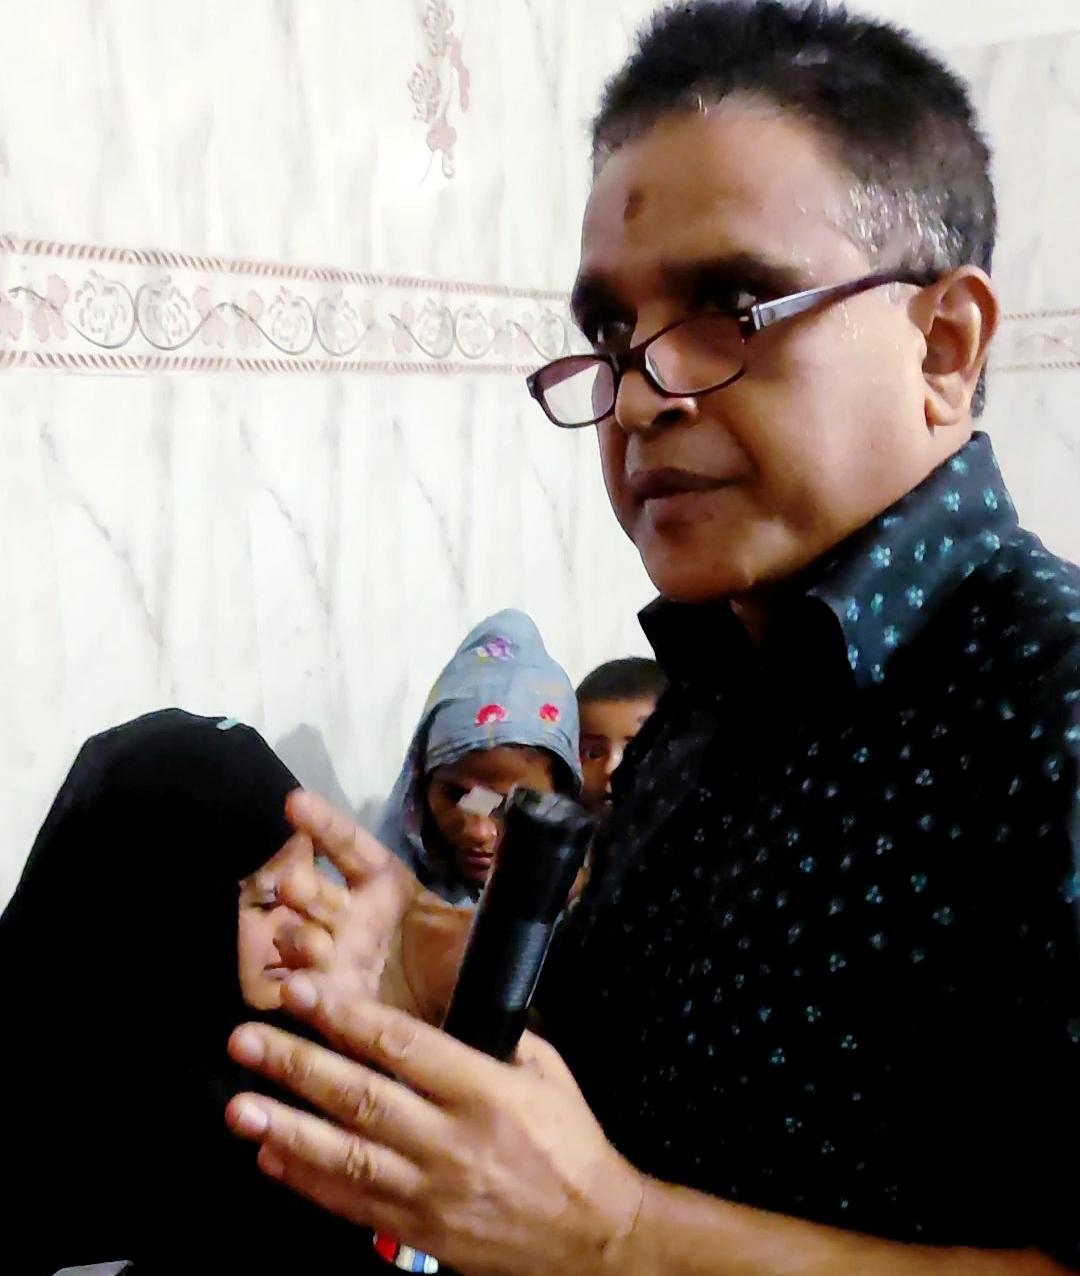 চাঁদপুরে হরিনা নৌ পুলিশের অভিযানে মাছ পাচারকালে ৩ হাজার কেজি জাটকা জব্দ